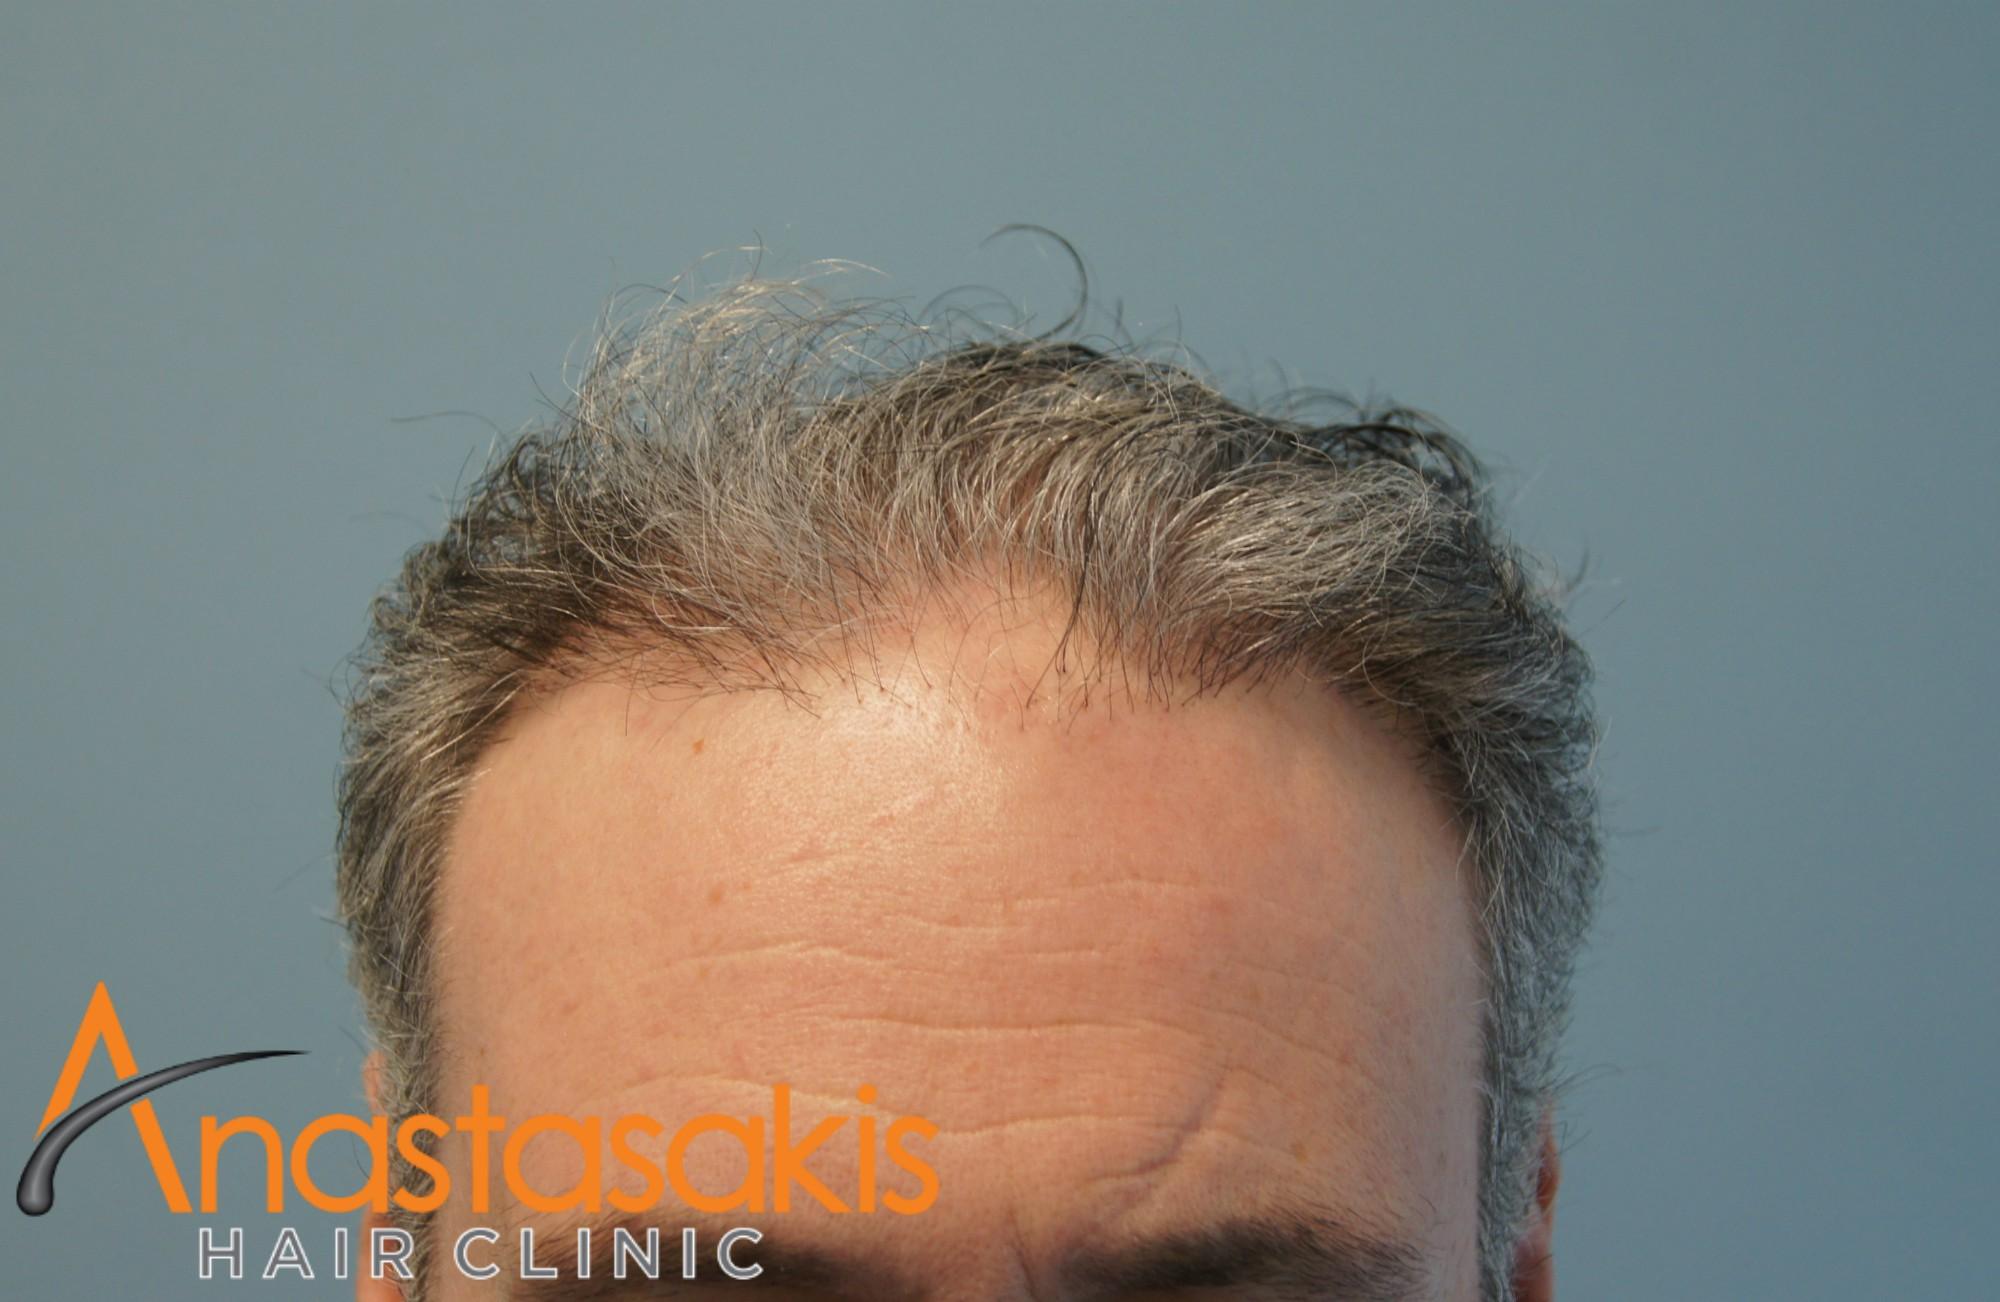 hairline ασθενους πριν τη μεταμοσχευση μαλλιων με 2500 fus